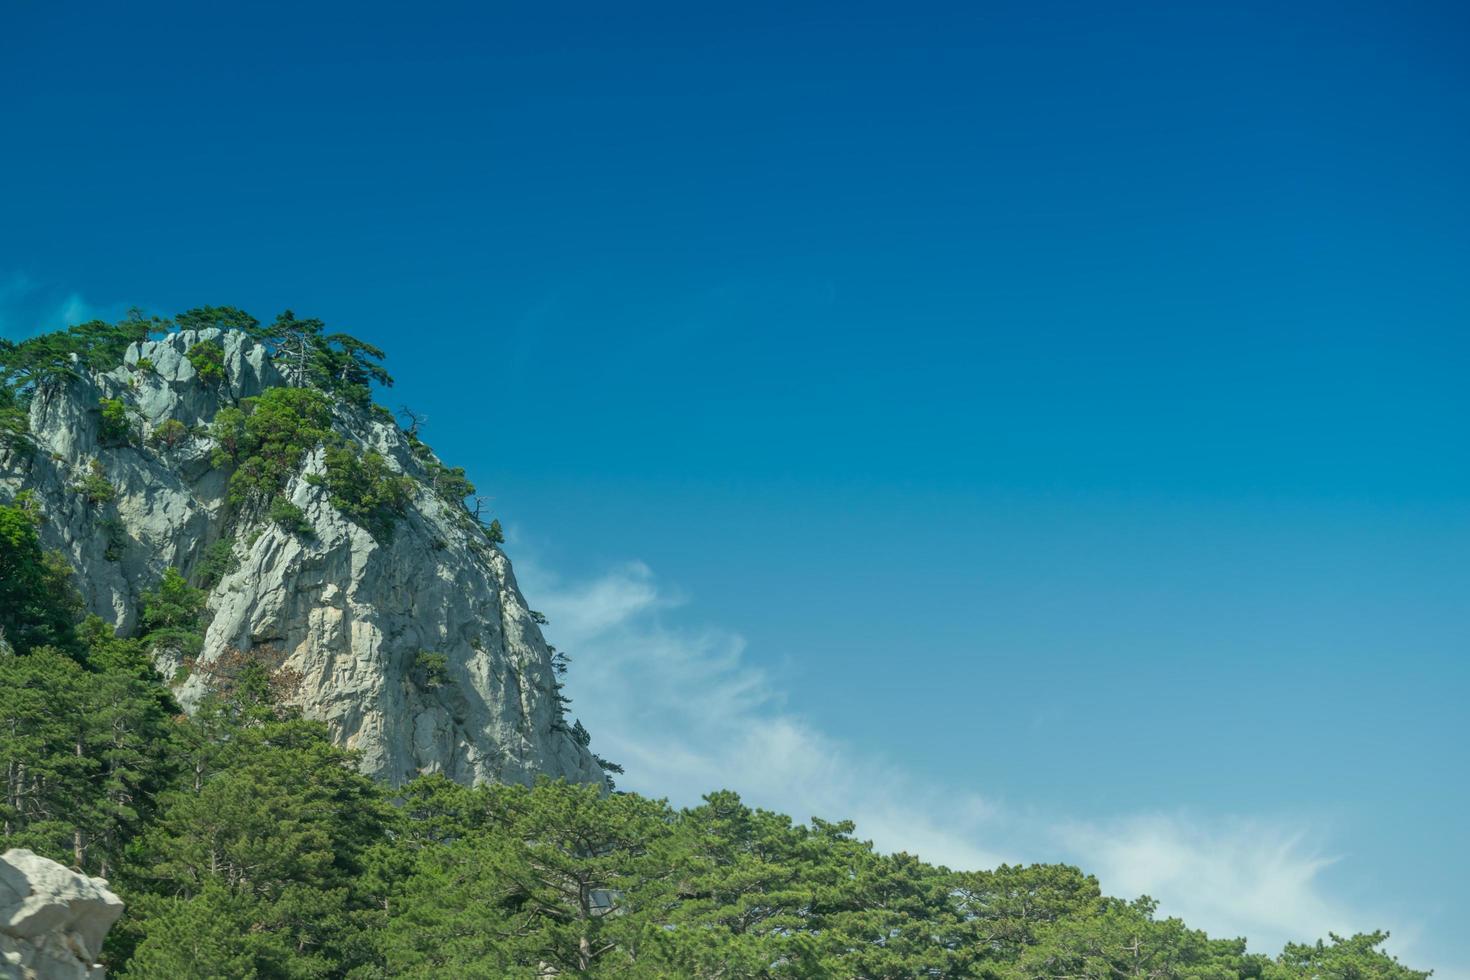 Berglandschaft mit Wäldern auf blauem Himmelhintergrund foto